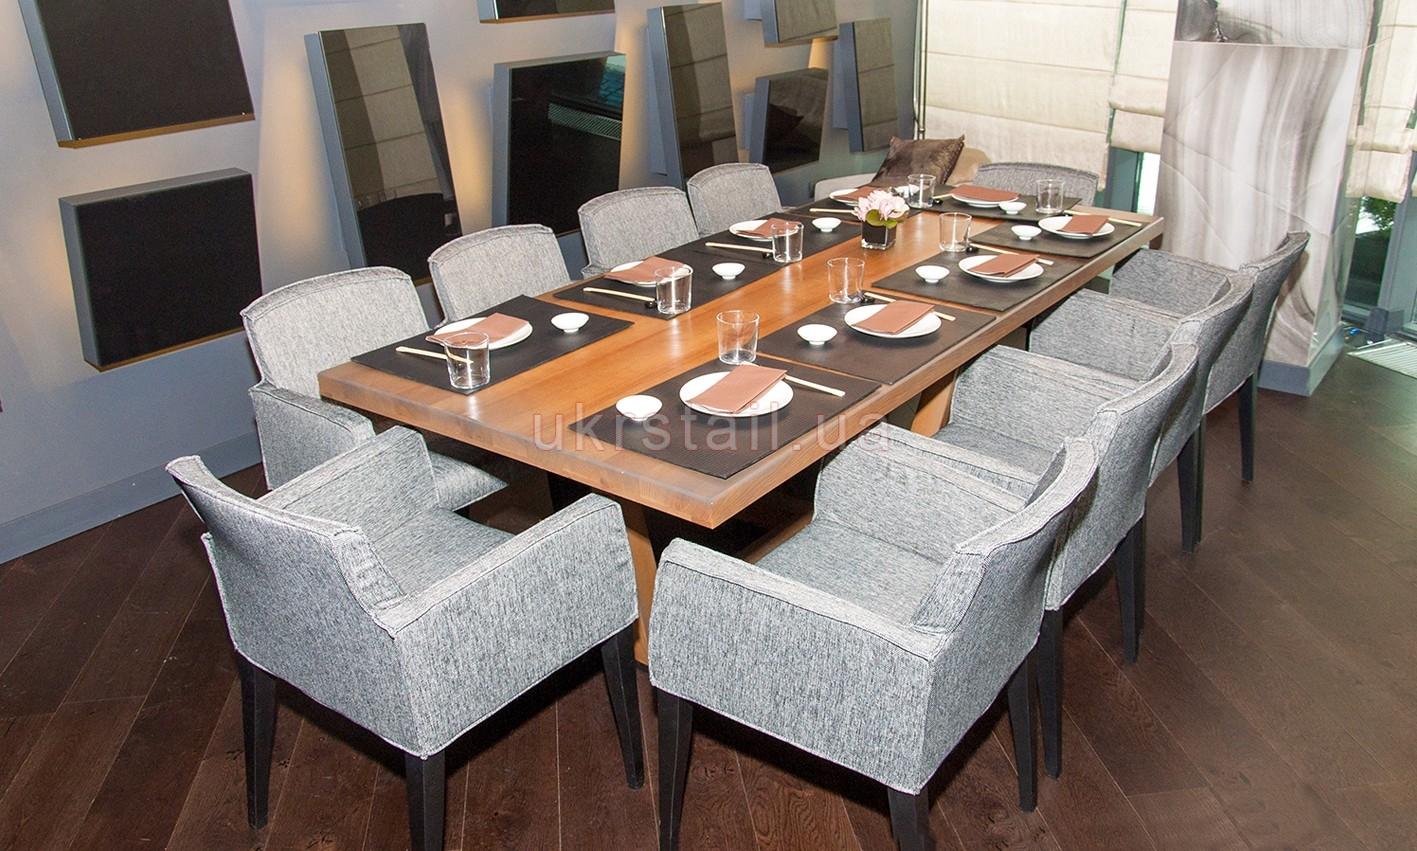 Банкетный стол ресторана Guramma на Днепровском спуске 16